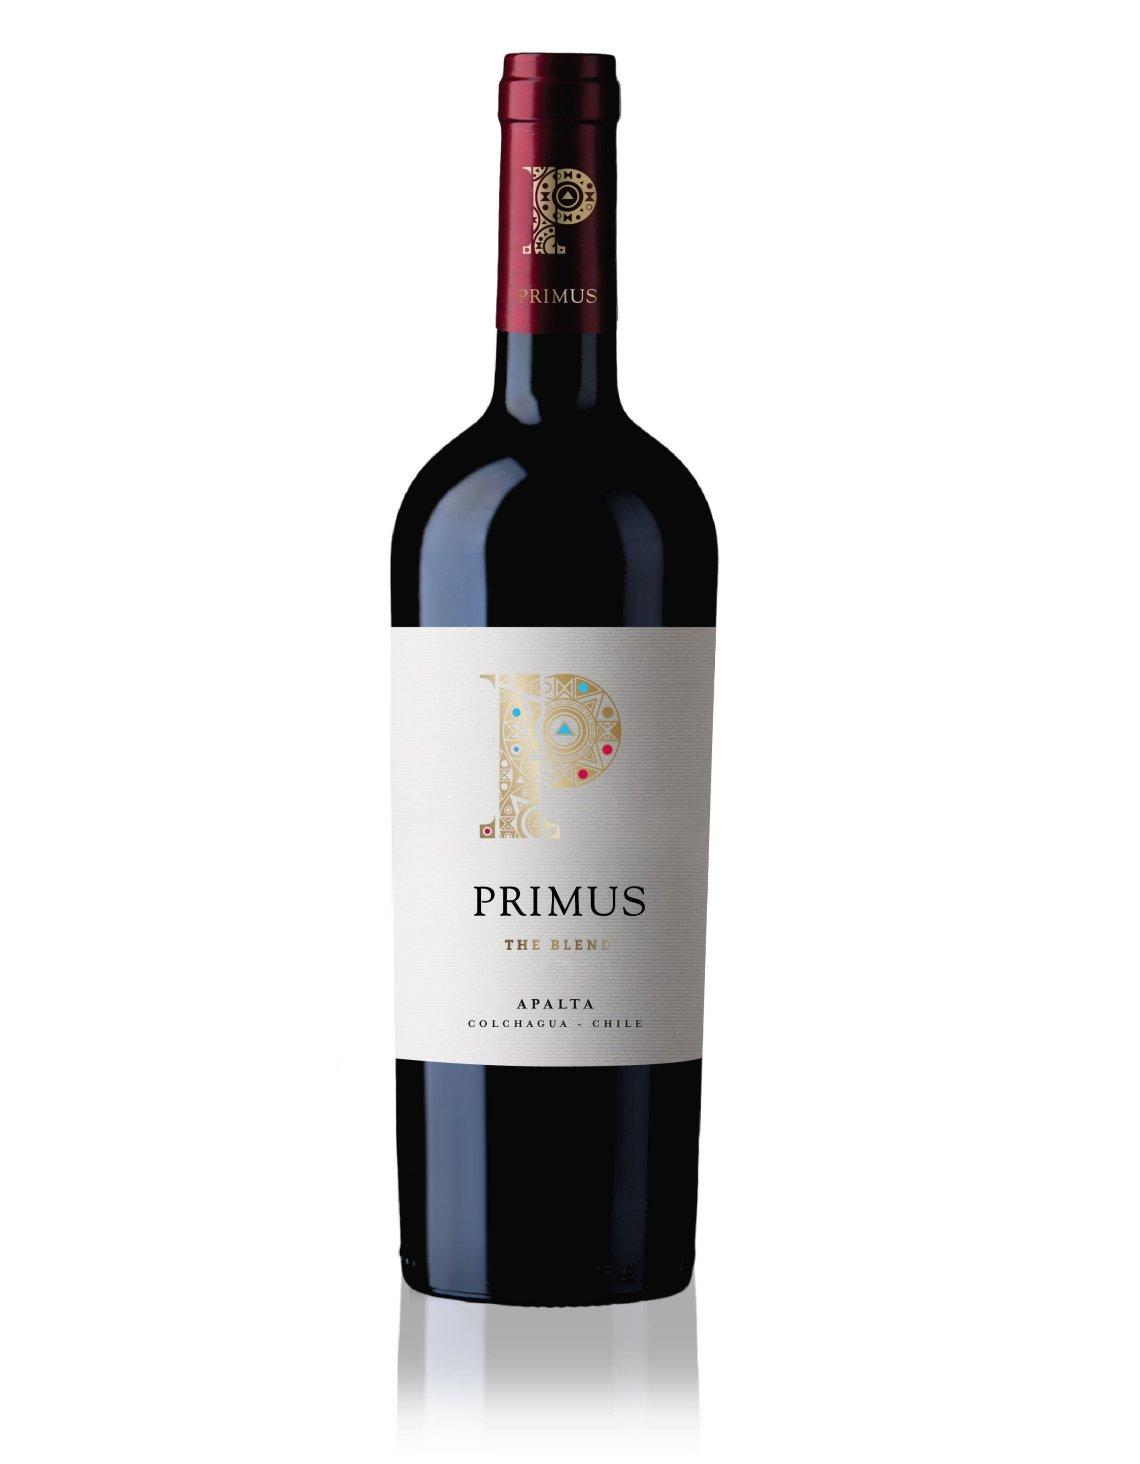 2015 Primus The Blend Apalta